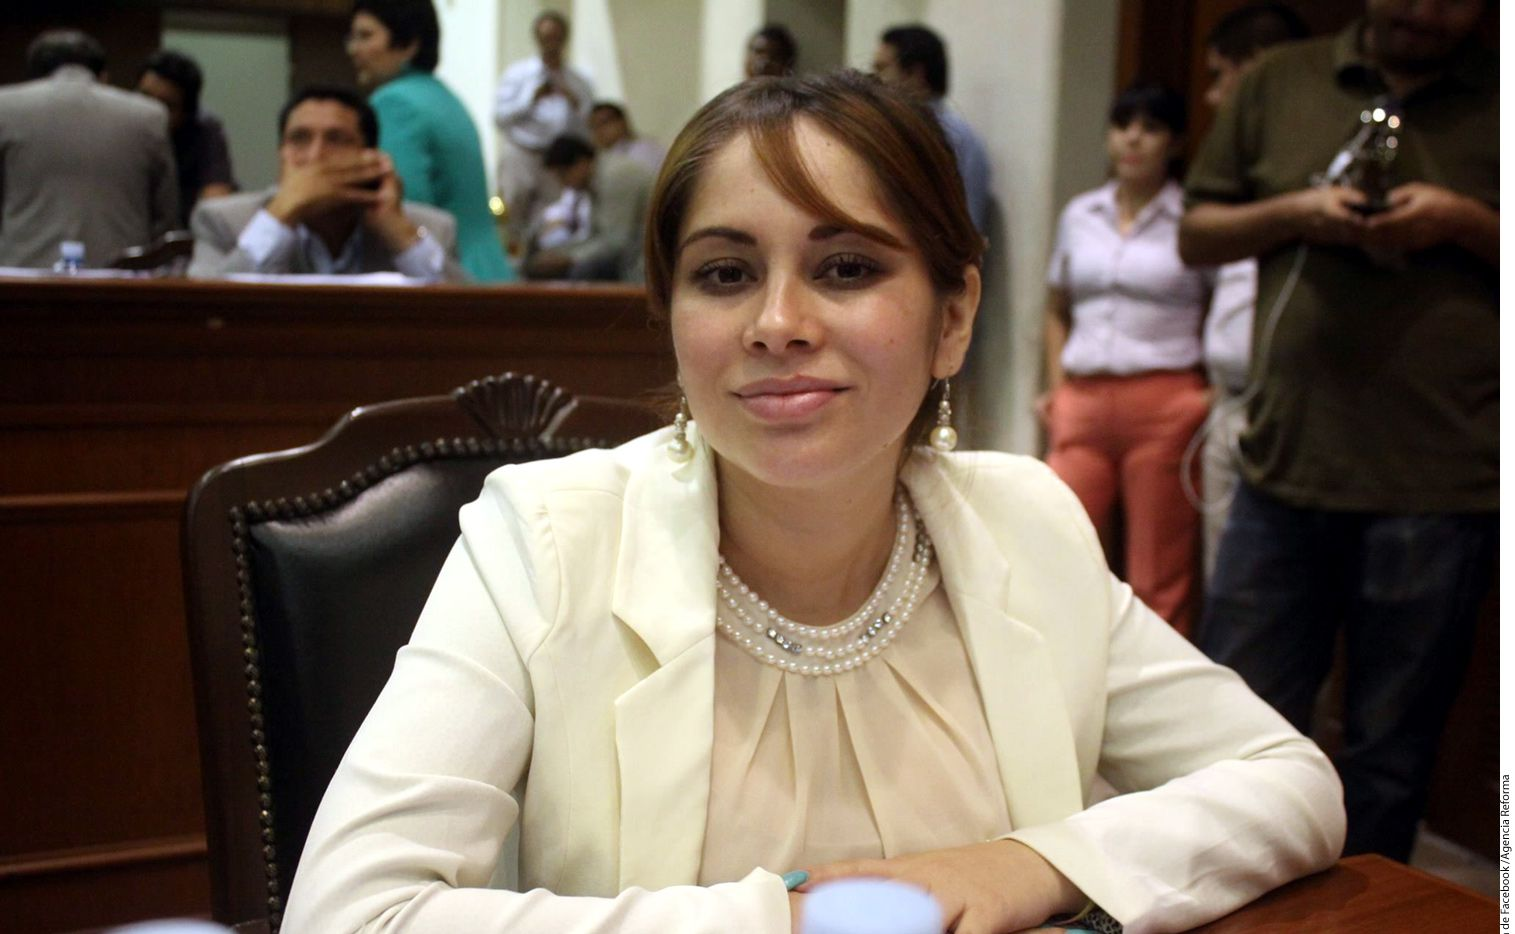 La visa de Lucero Guadalupe Sánchez López estaba estaba en la lista negra de las autoridades migratorias por tener una orden de captura por cargos de conspiración, misma que al parecer desconocía. Foto tomada de Facebook mediante AGENCIA REFORMA